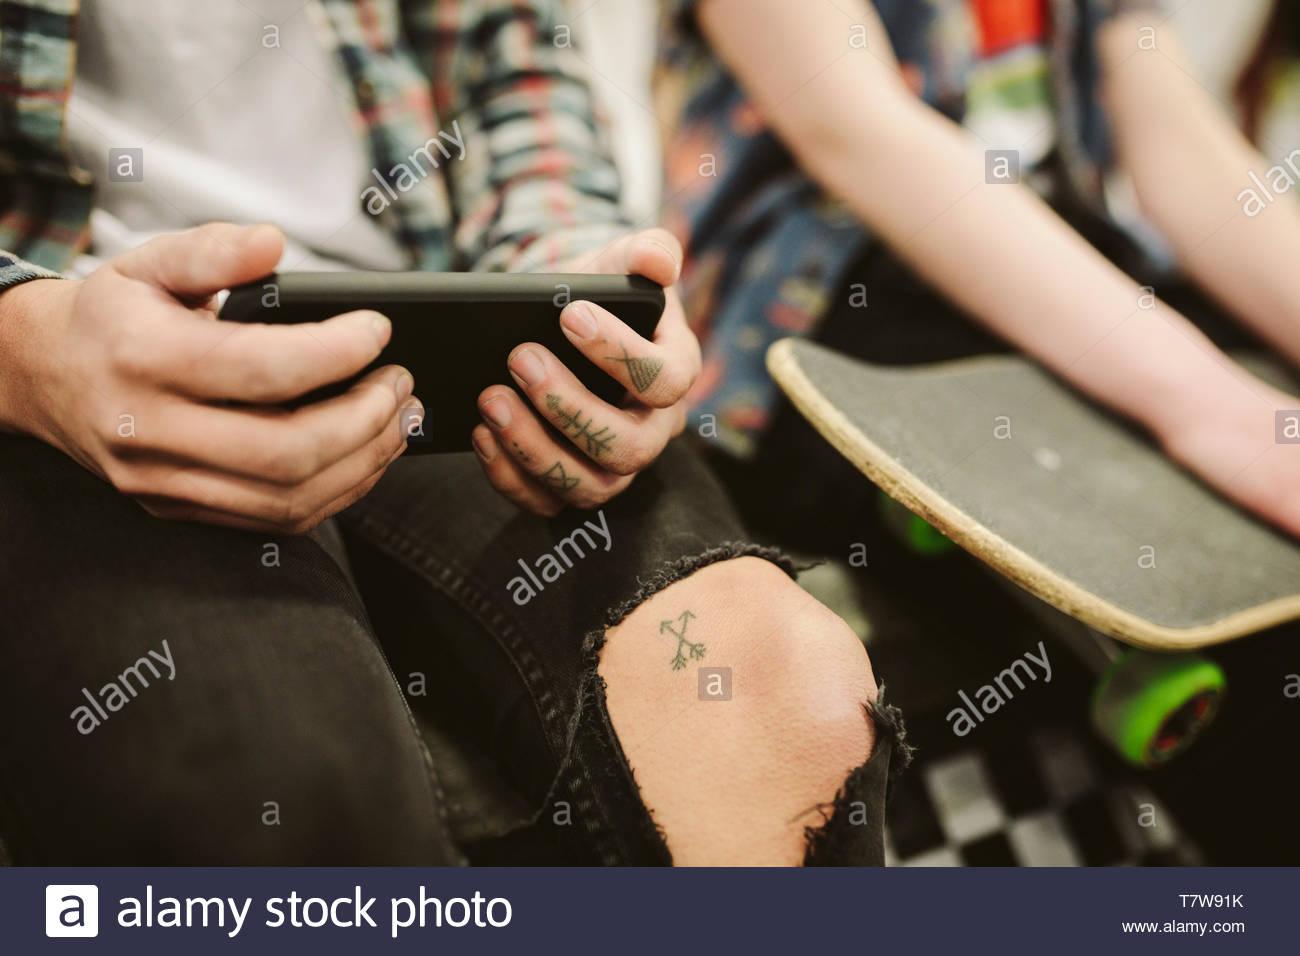 Cierre skateboarders adolescentes con tatuajes con teléfonos inteligentes. Imagen De Stock